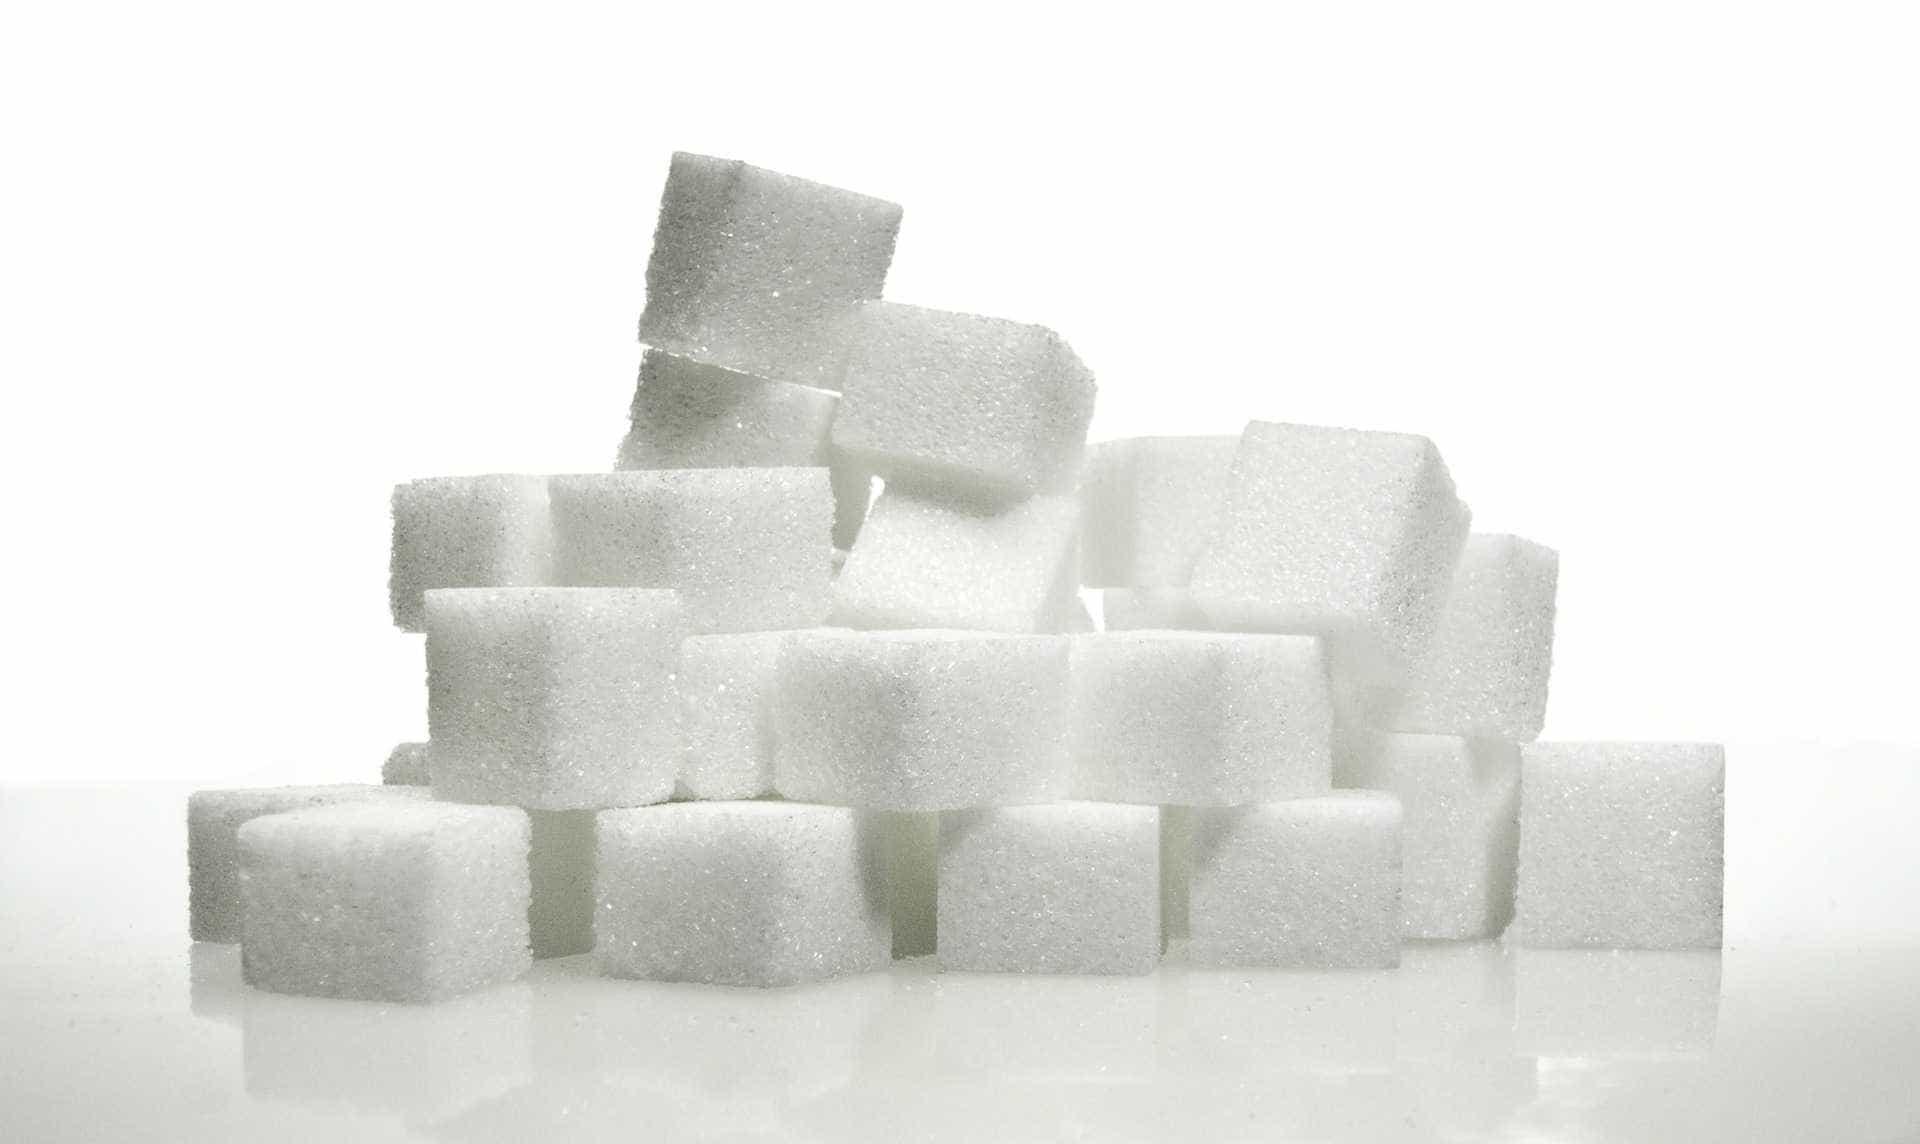 Usinas priorizam etanol e despenca produção de açúcar no país